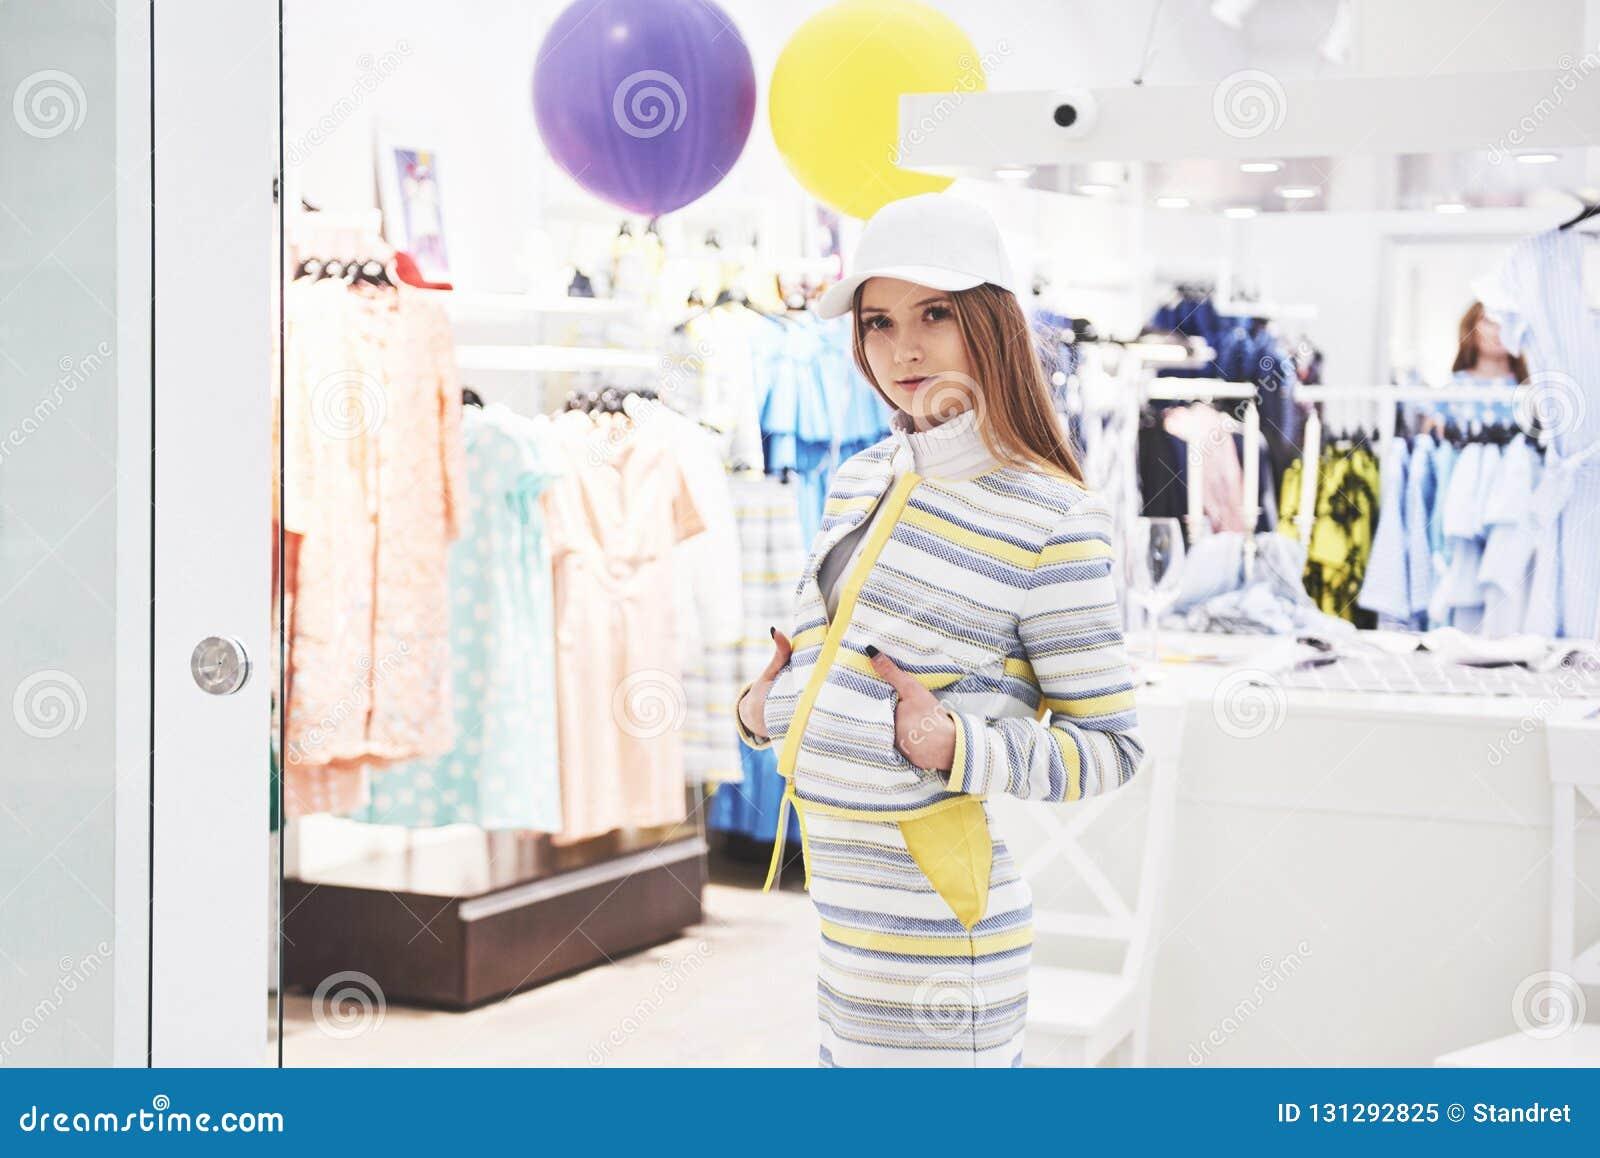 Vente, mode, consommationisme et concept de personnes - jeune femme heureuse avec des sacs à provisions choisissant des vêtements